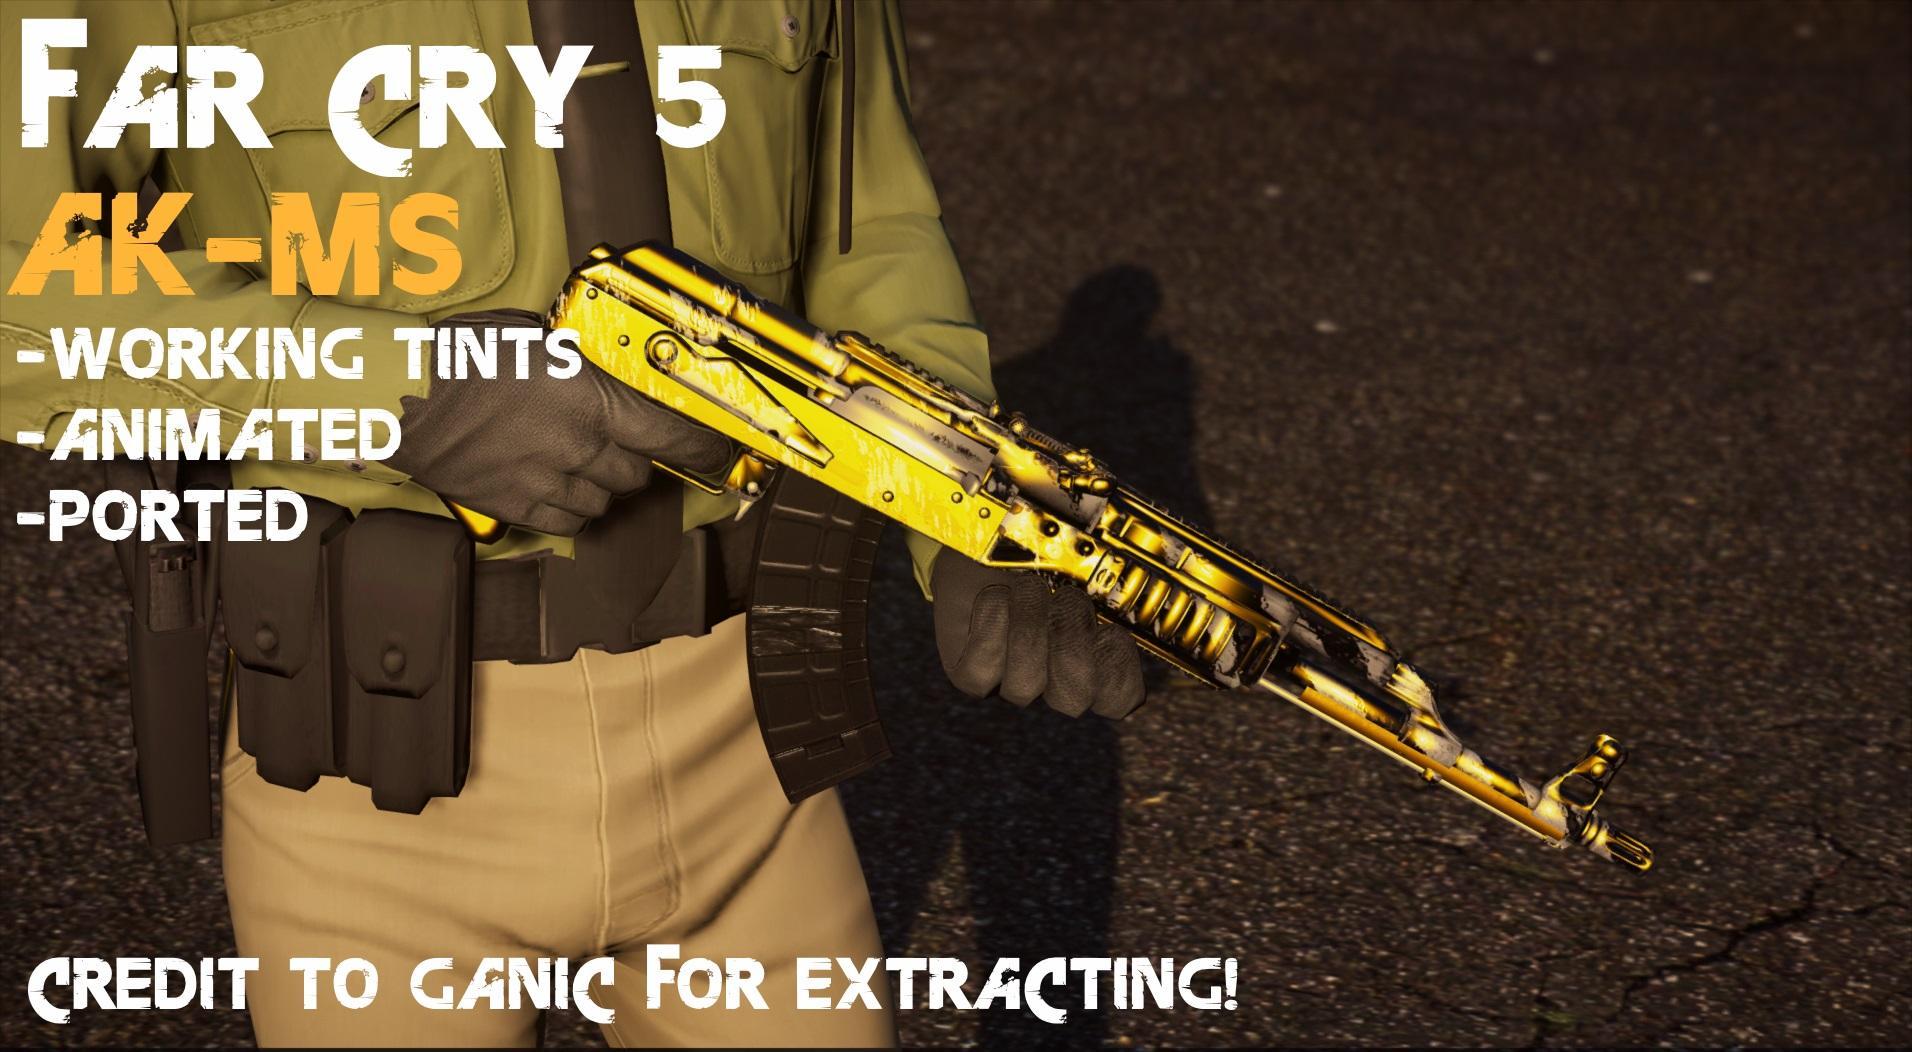 Far Cry 5 AK-MS